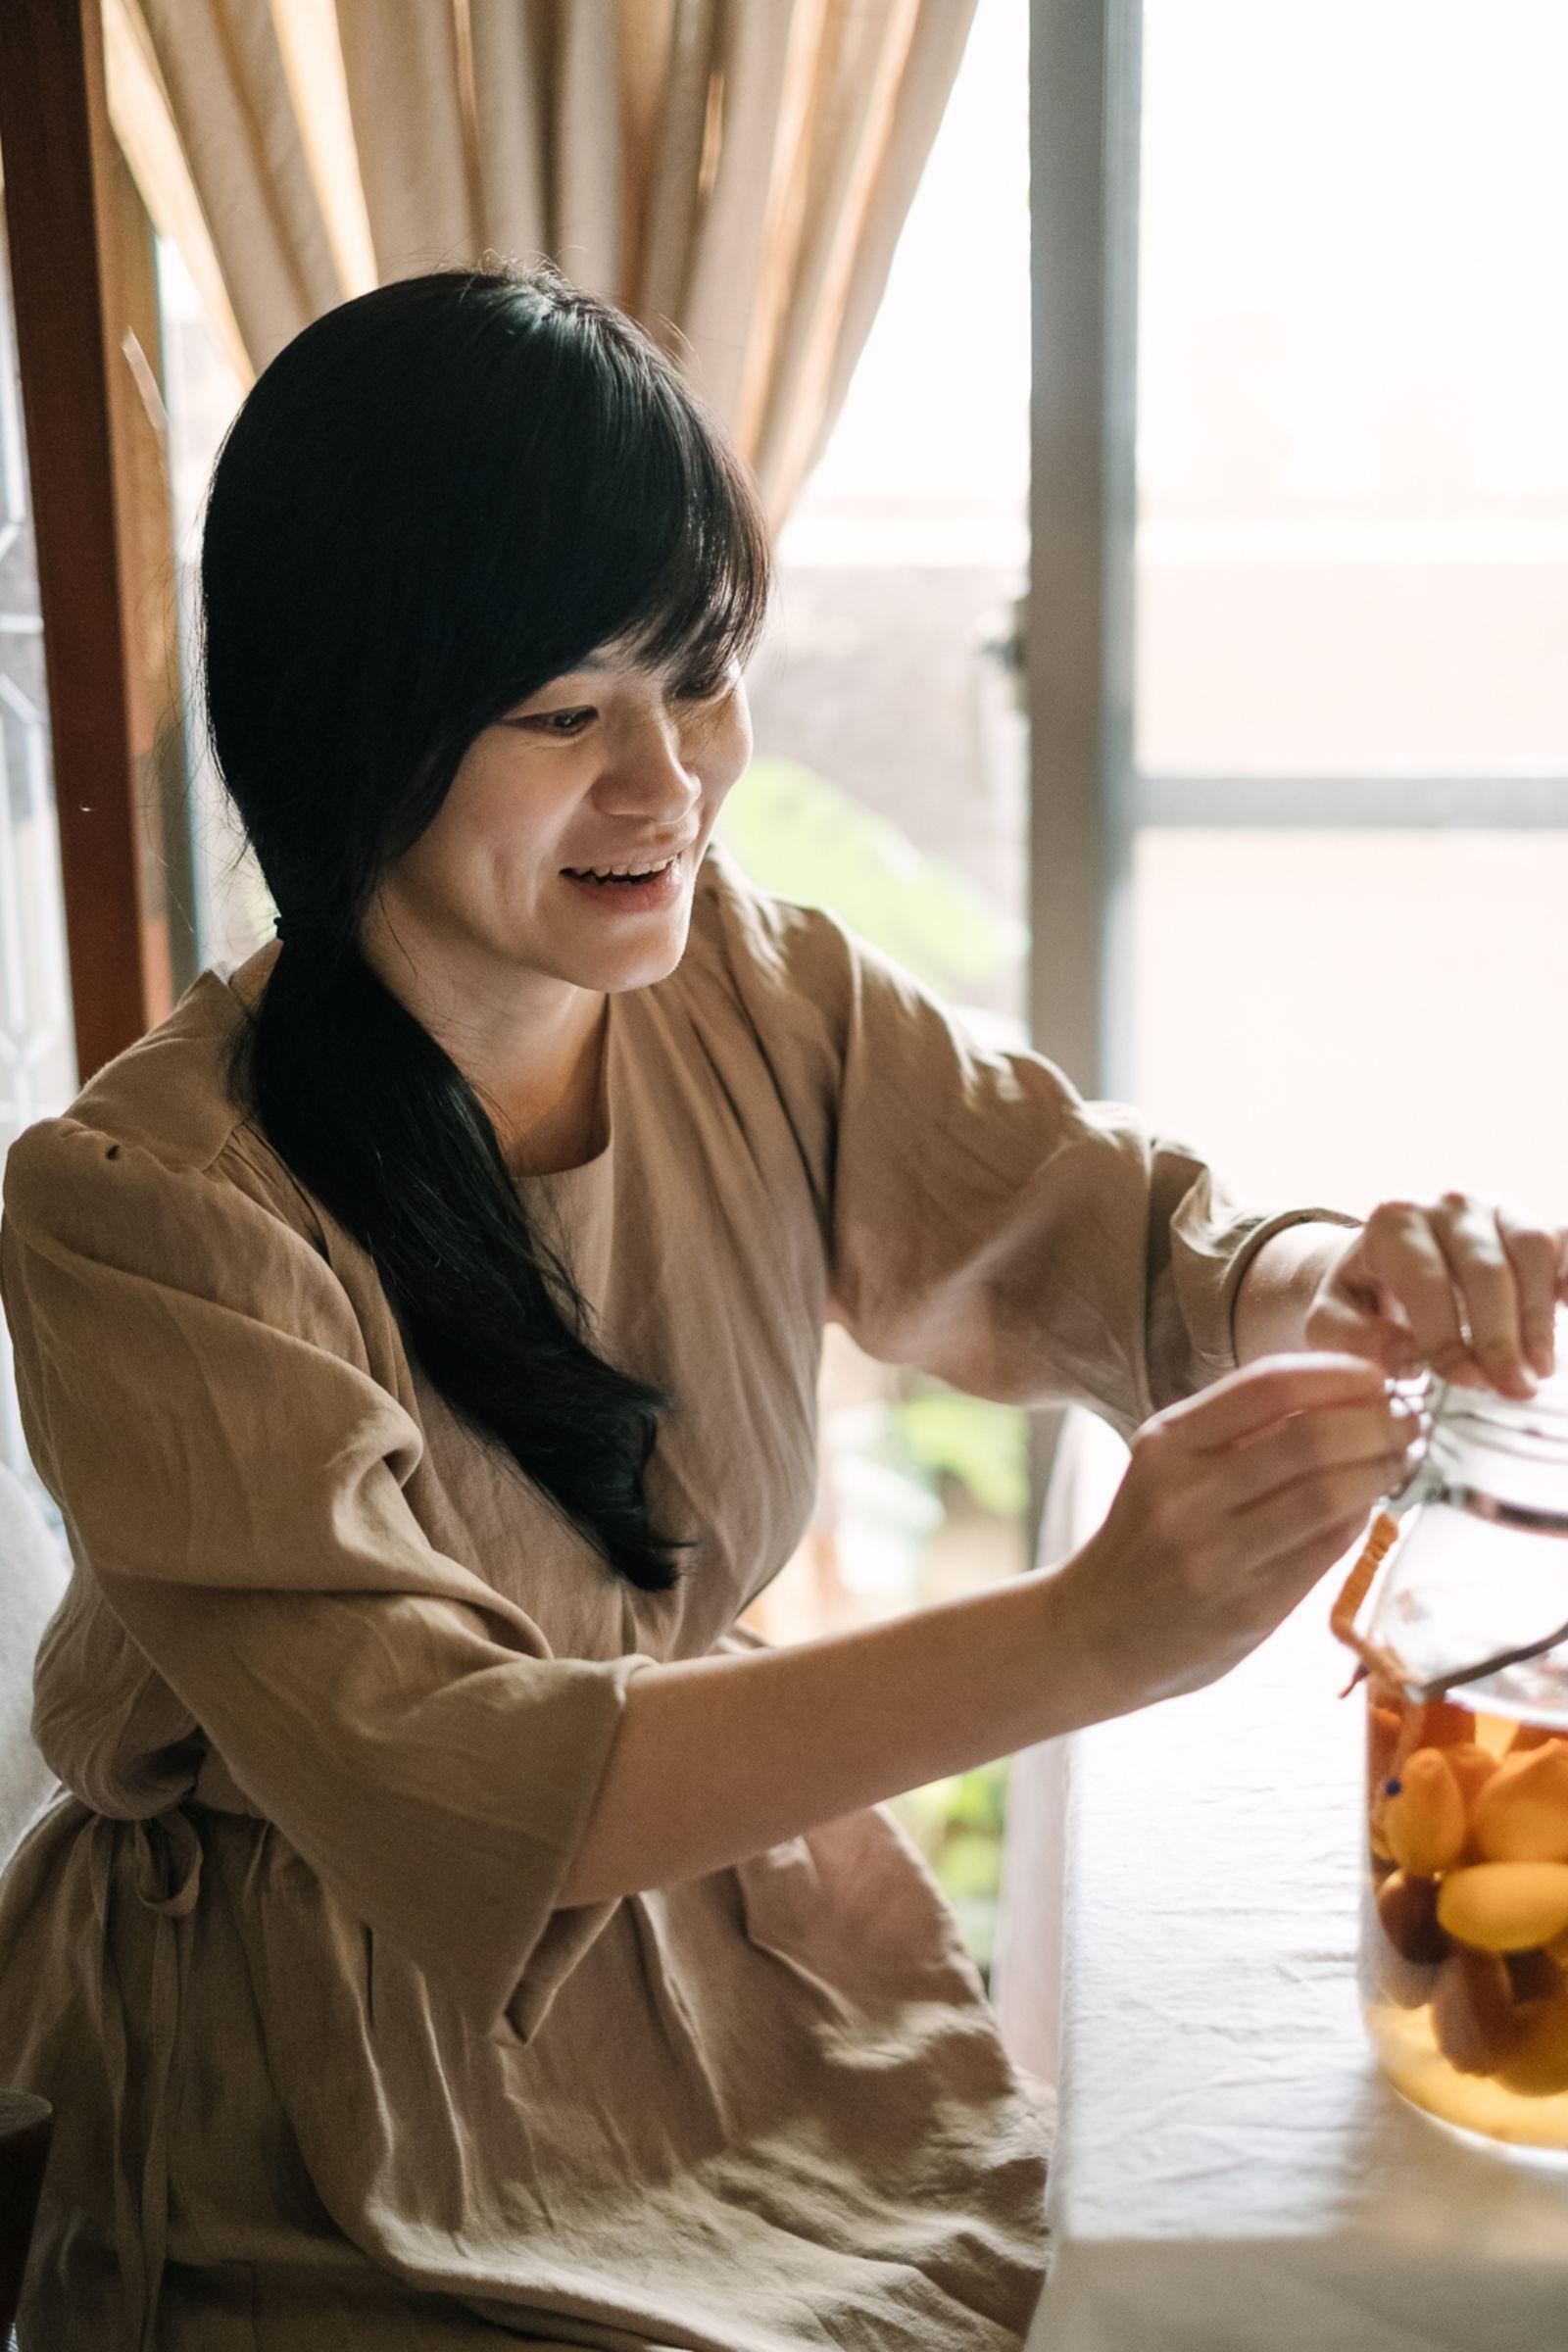 盧怡安正在介紹自己釀的伏特加琵琶酒。